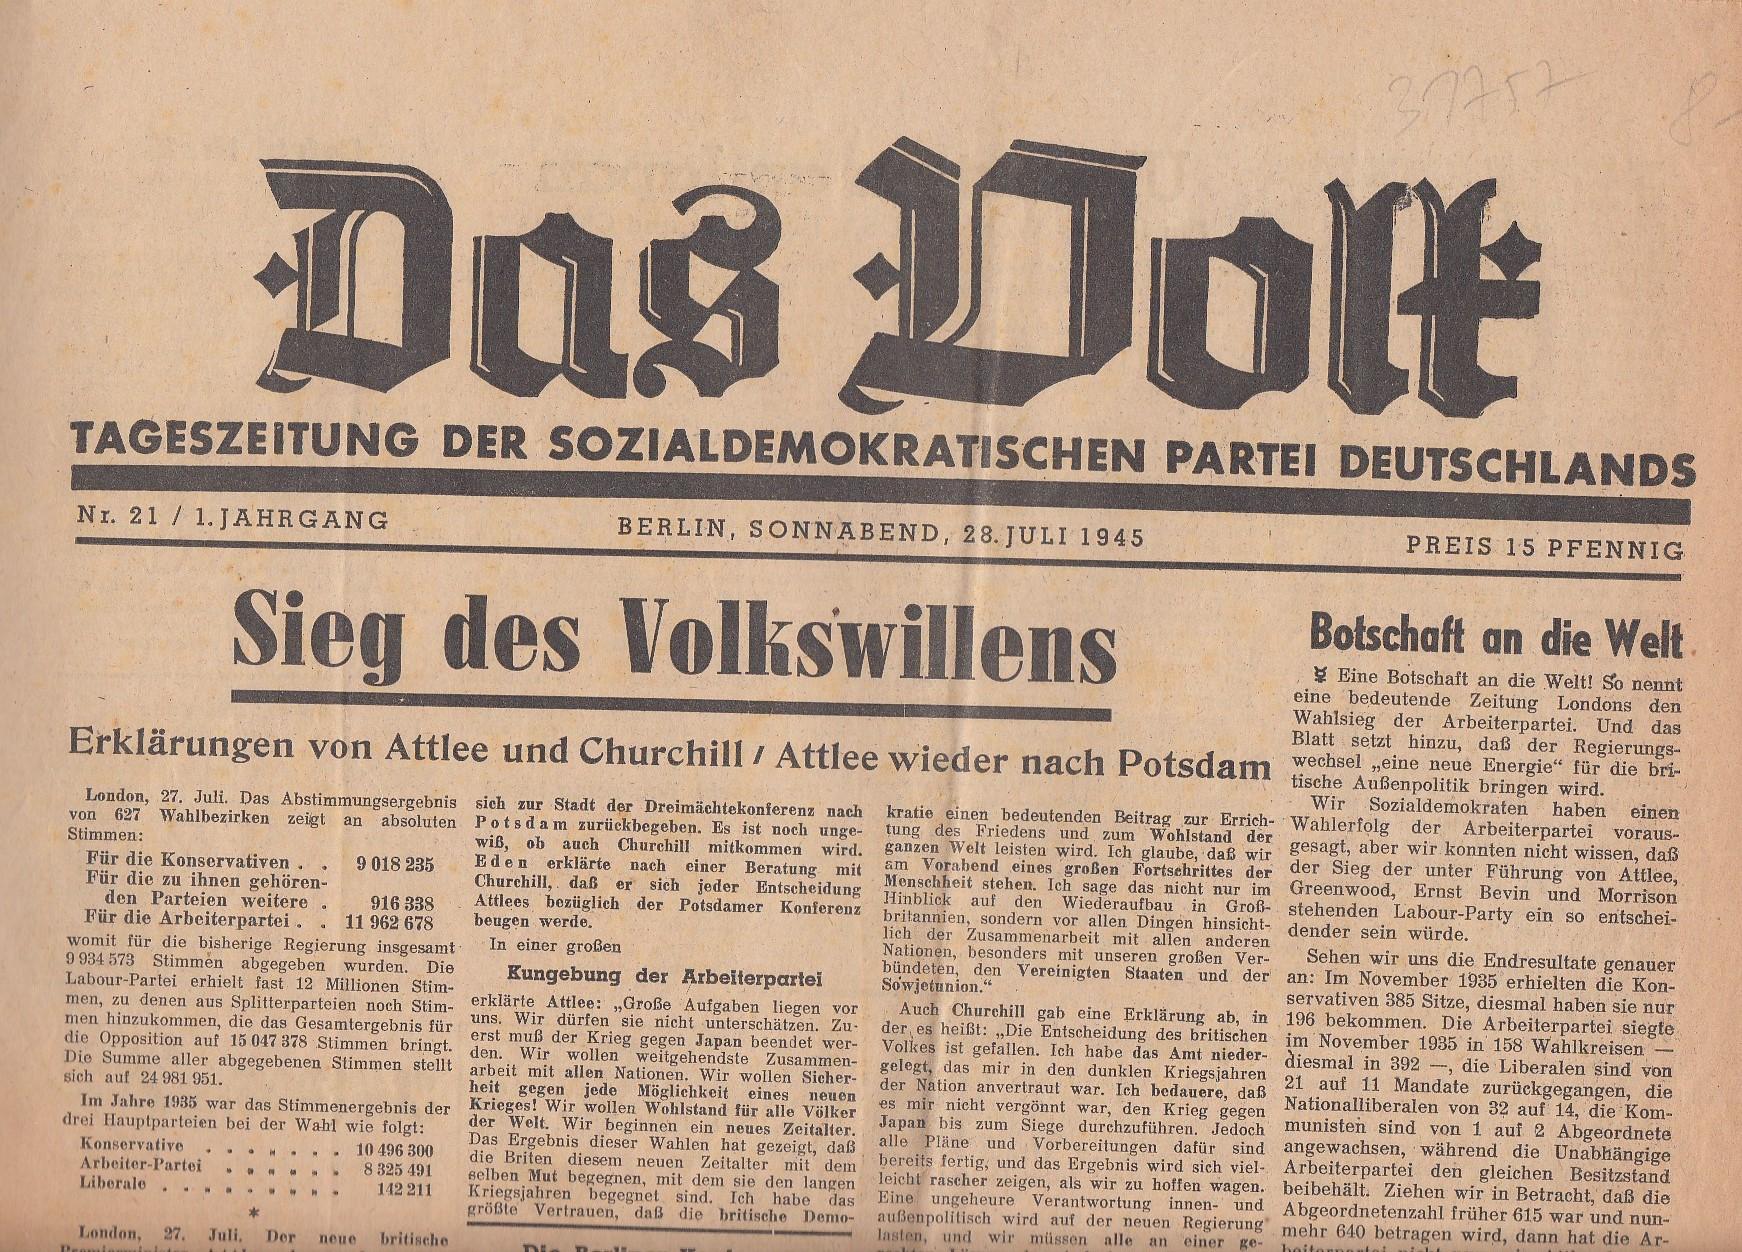 Das Volk. Tageszeitung der SPD.